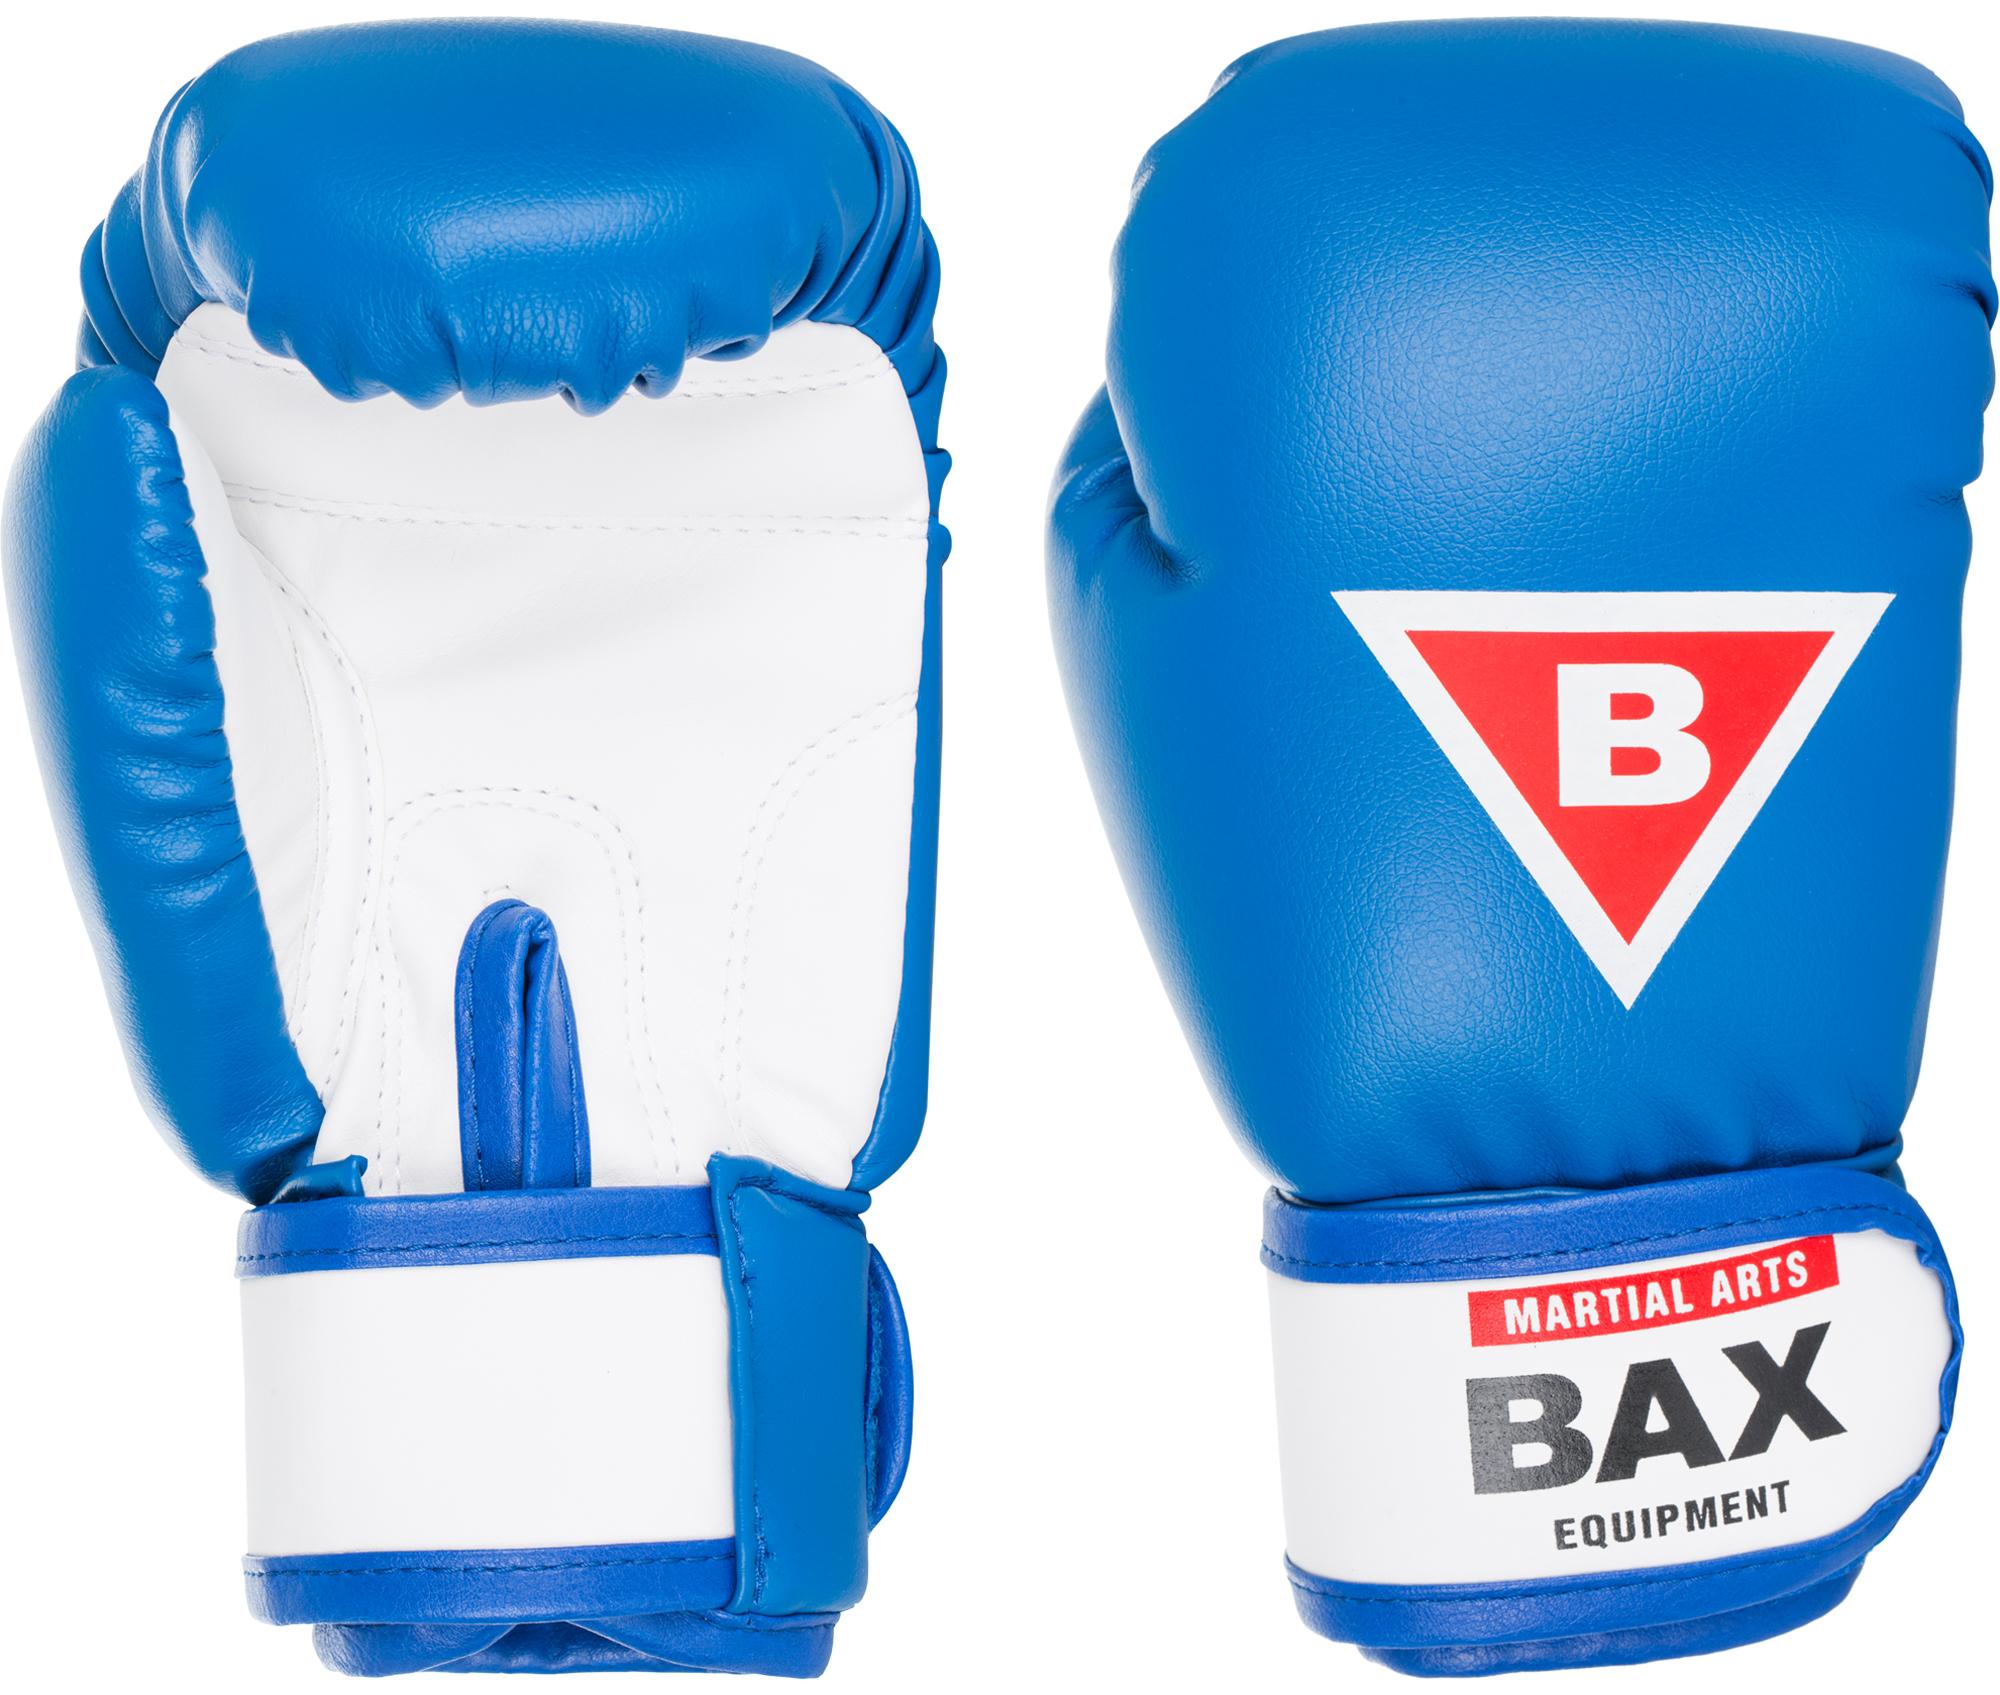 Bax Перчатки боксерские детские BAX купить детские кроксы со скидкой интернет магазин